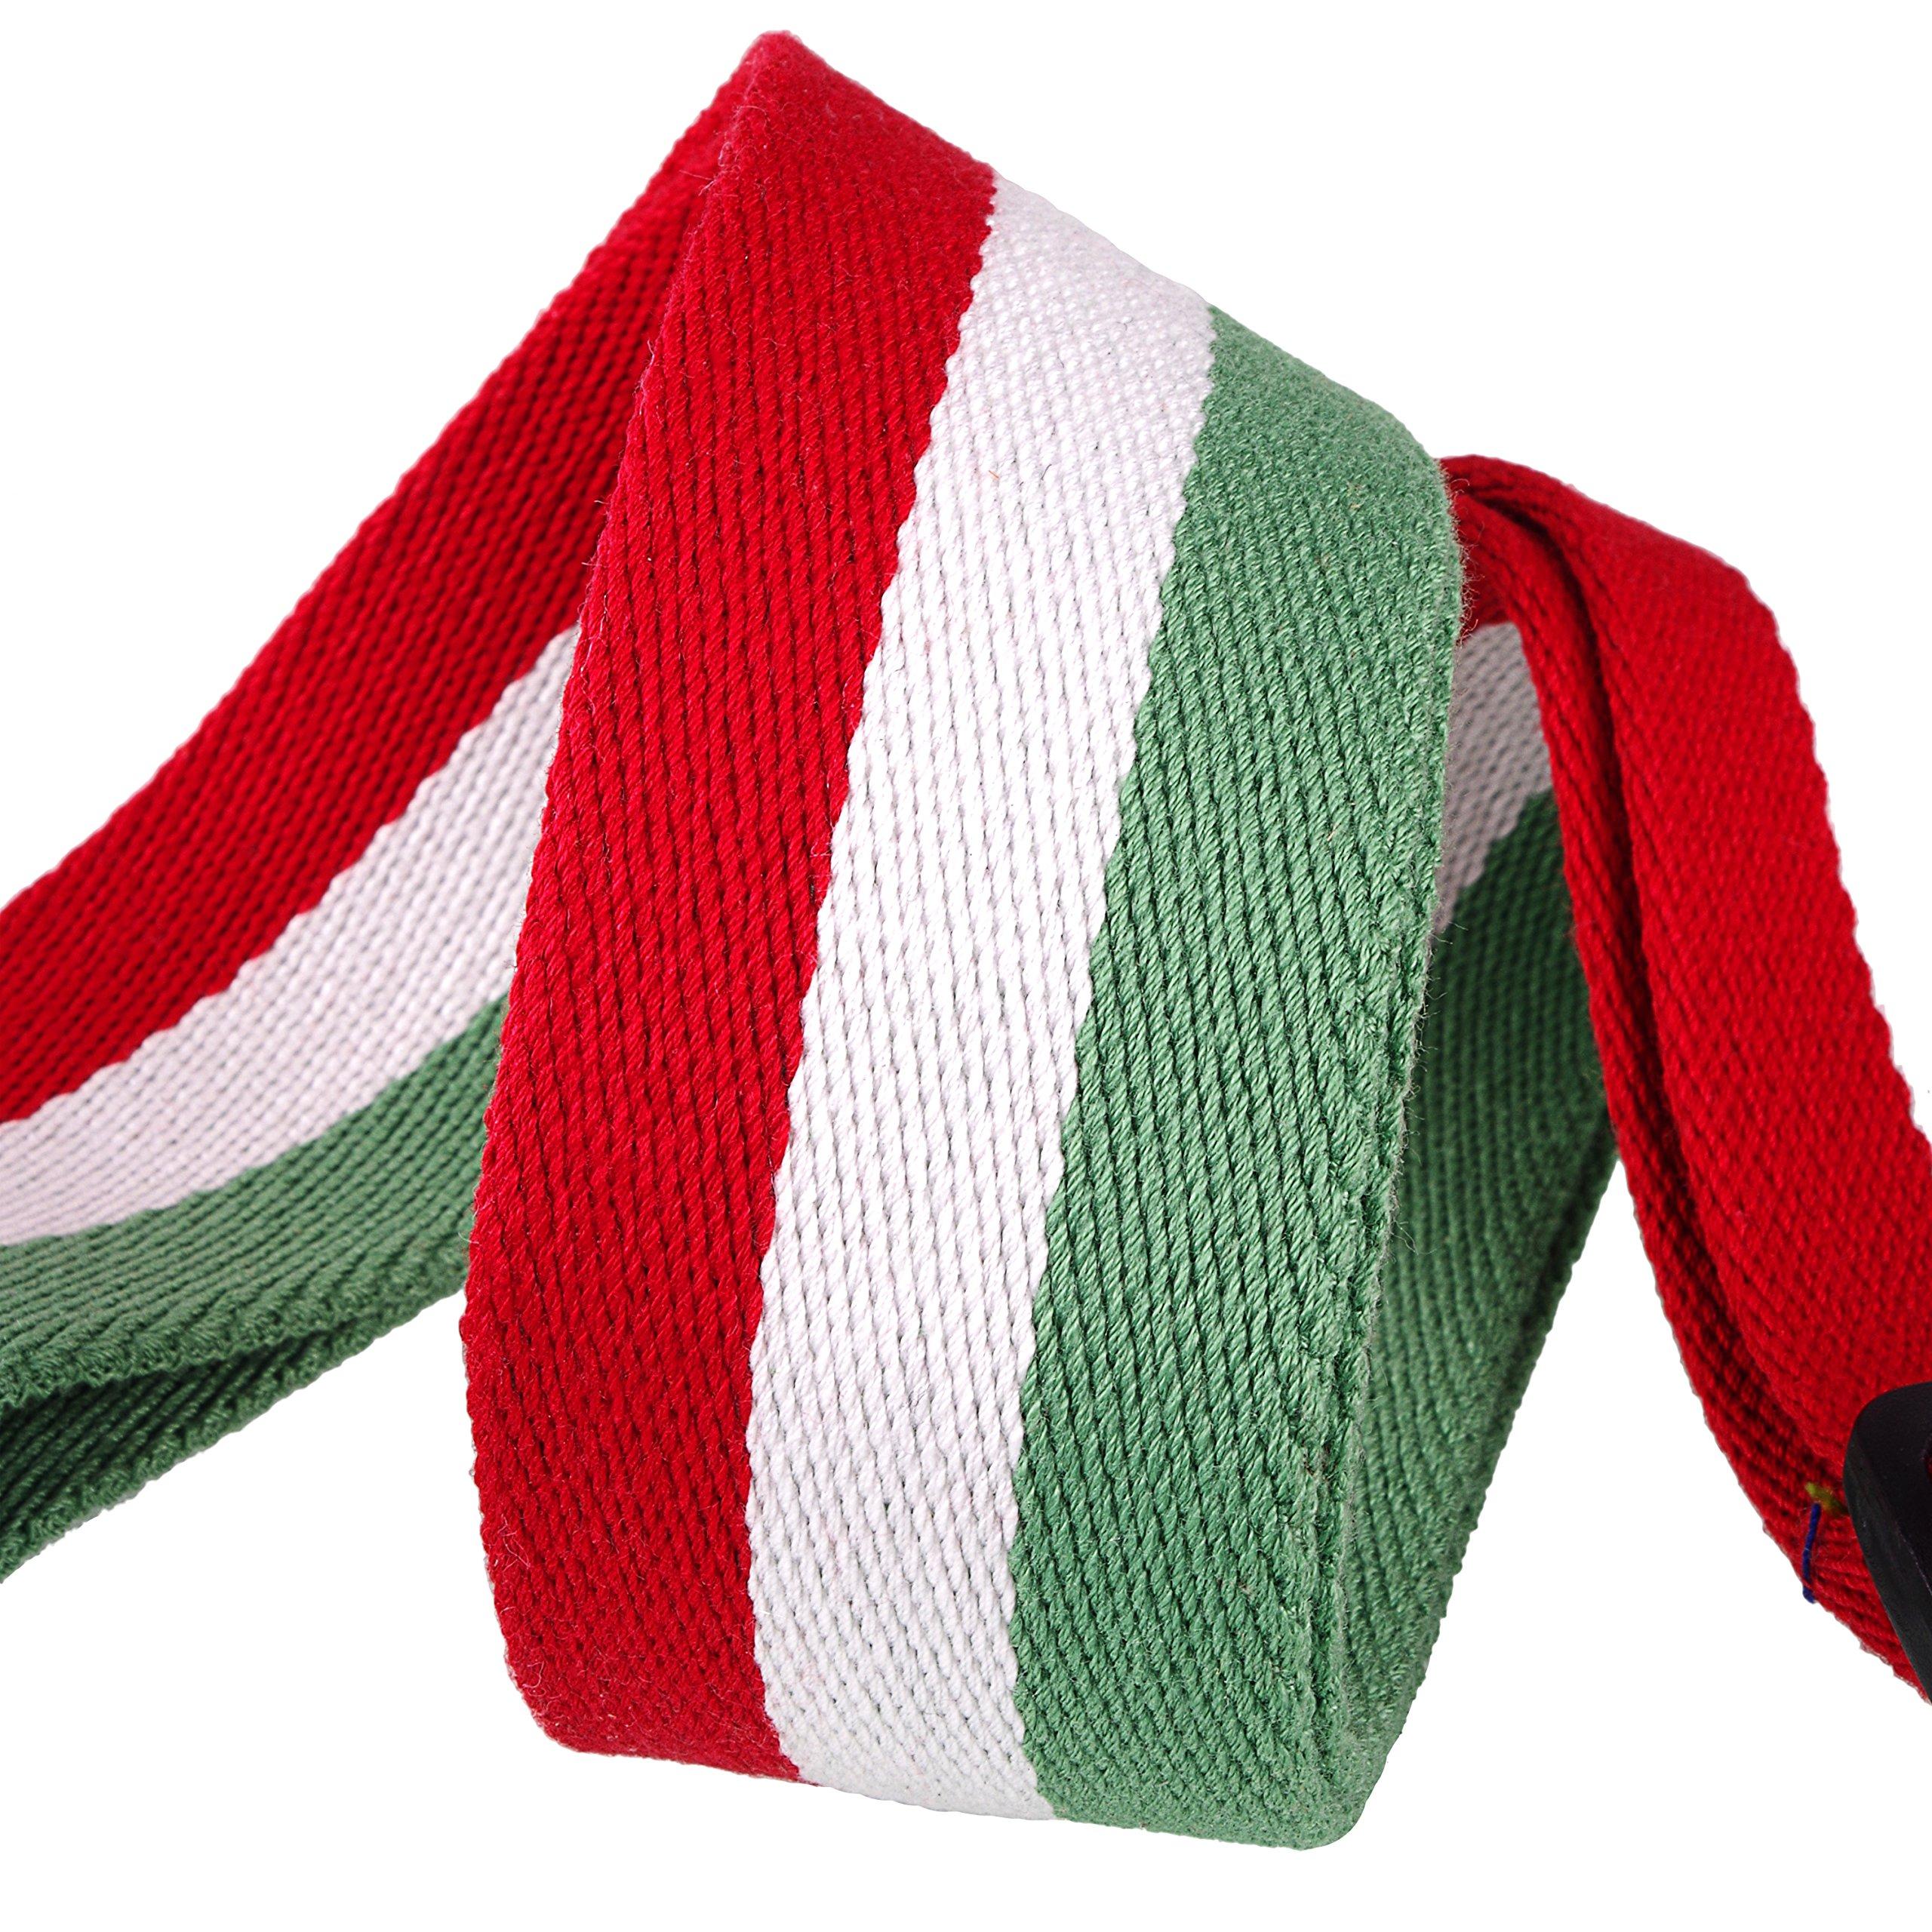 Mugig Tracolla per Chitarra/Basso,Tracolla in Cotone per Chitarra/Basso Acustica/Elettrica con Tasca Porta Plettri, stile bandiera nazionale, Larghezza 5cm, Lunghezza Regolabile da 95 cm a 153cm (Italia)